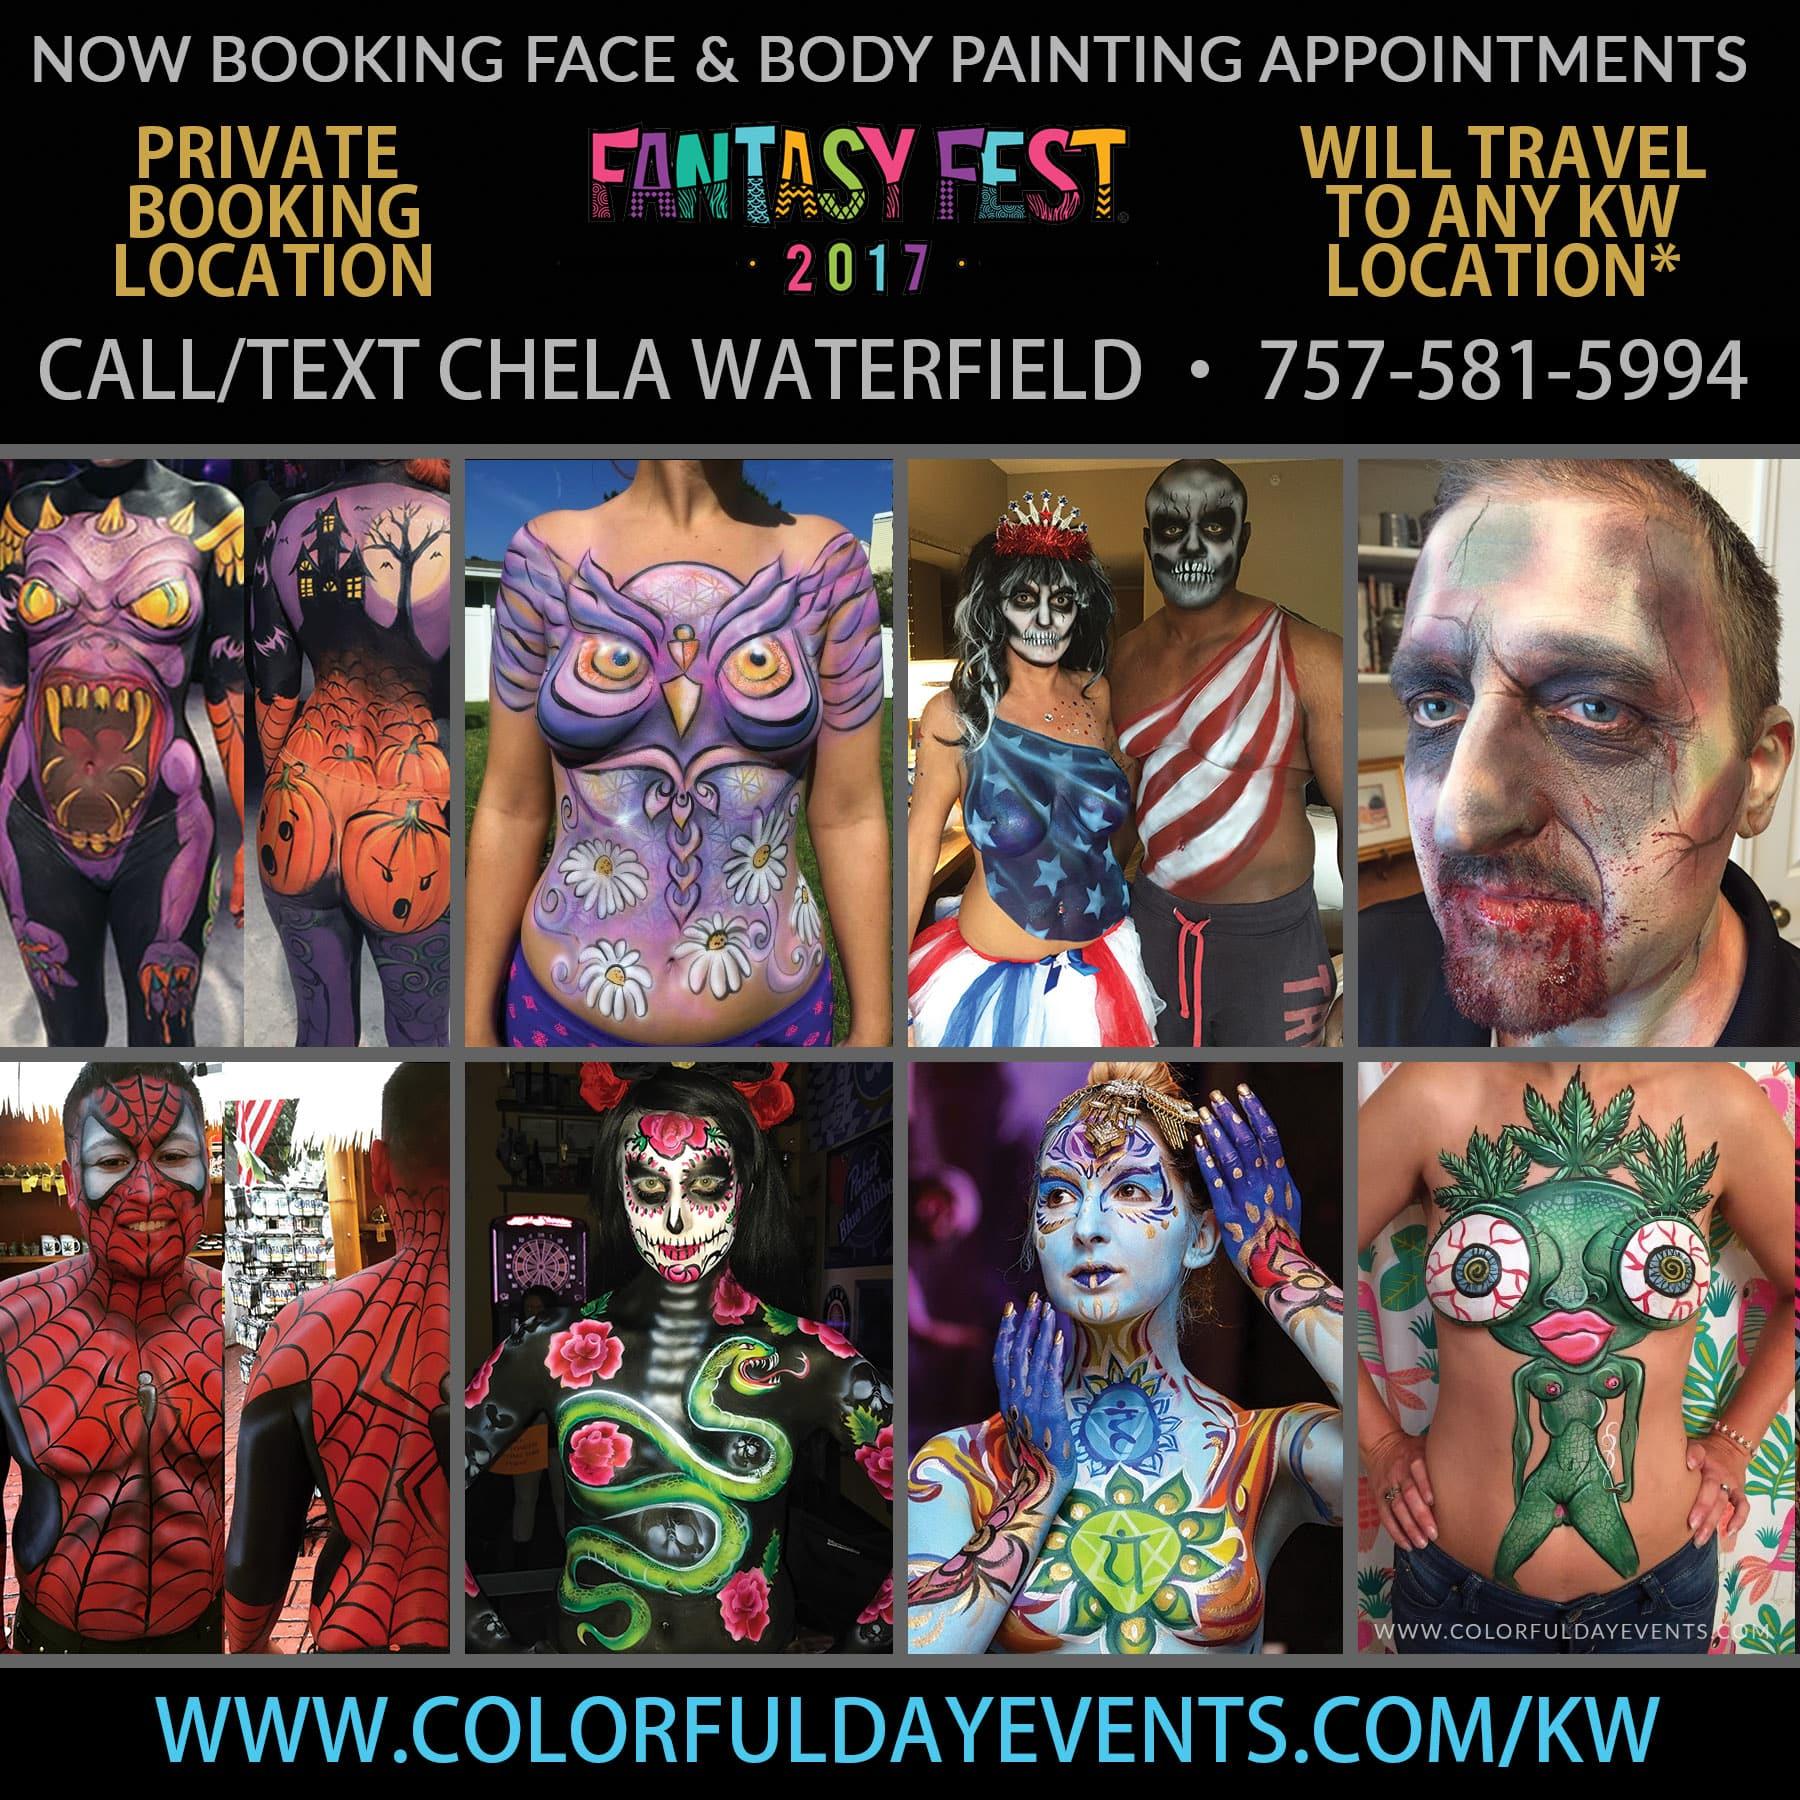 hire a Fantasy Fest body painter